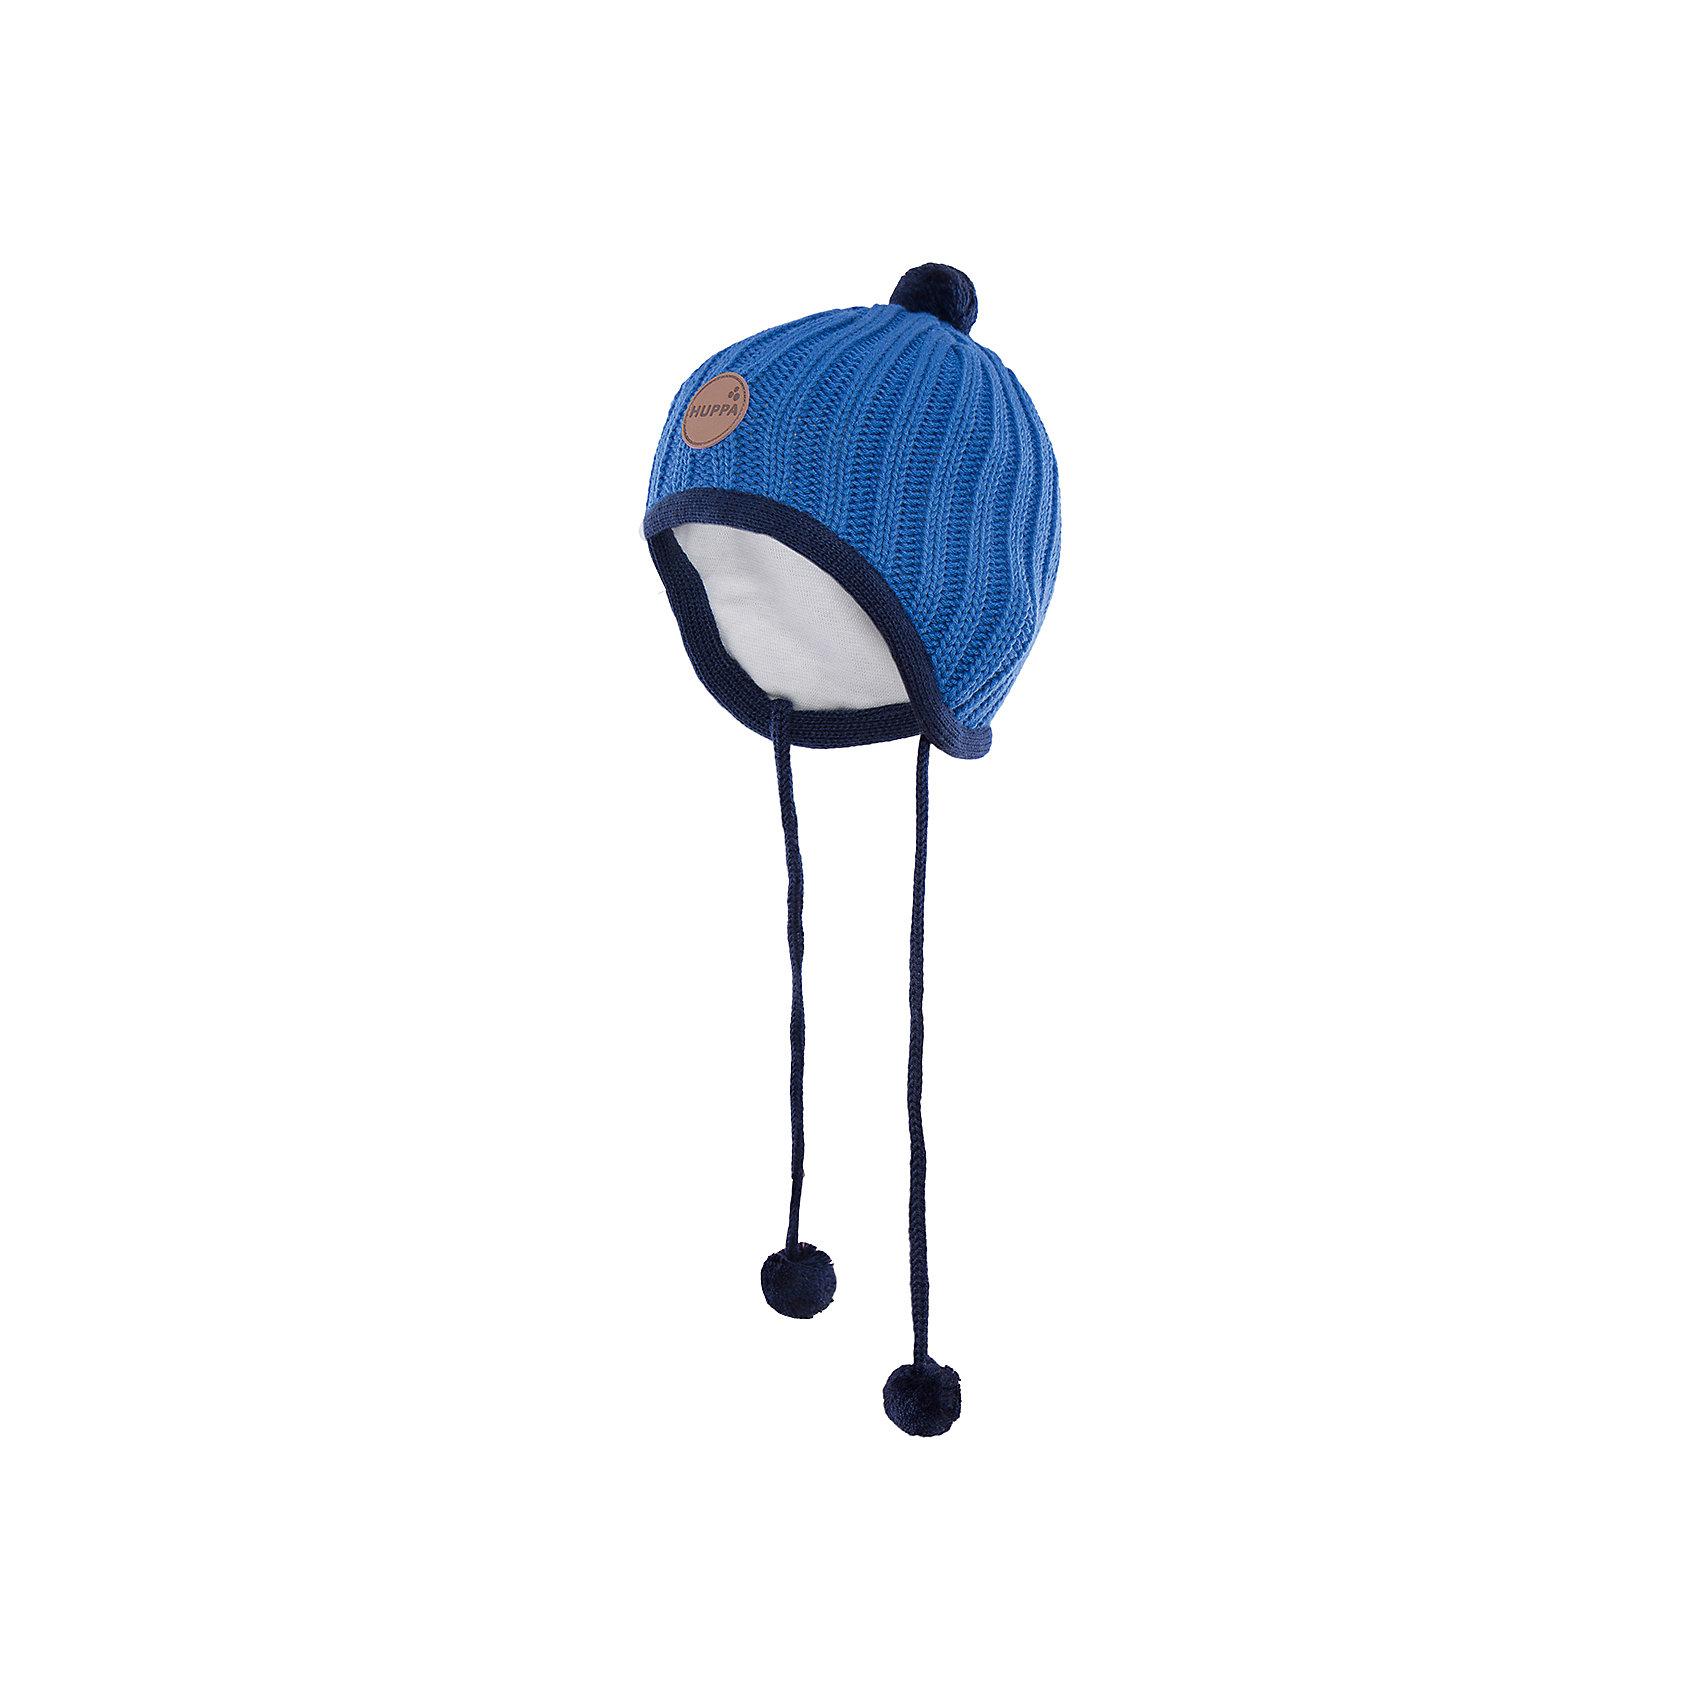 Шапка  HuppaГоловные уборы<br>Вязаная шапка JAKOB Huppa(Хуппа) с подкладкой из хлопка изготовлена из мериносовой шерсти и акрила. Шапку удобно носить, благодаря вязке резинкой.  С помощью лент с помпонами вы сможете завязать шапку, чтобы уши ребенка оставались в тепле. Модель украшена помпонами и эмблемой марки.<br><br>Дополнительная информация:<br>Материал: 100% акрил<br>Подкладка: 100% хлопок<br>Цвет: синий<br><br>Вы можете приобрести шапку JAKOB Huppa(Хуппа) в нашем интернет-магазине.<br><br>Ширина мм: 89<br>Глубина мм: 117<br>Высота мм: 44<br>Вес г: 155<br>Цвет: синий<br>Возраст от месяцев: 9<br>Возраст до месяцев: 12<br>Пол: Мужской<br>Возраст: Детский<br>Размер: 43-45,51-53,47-49,39-43<br>SKU: 4923802